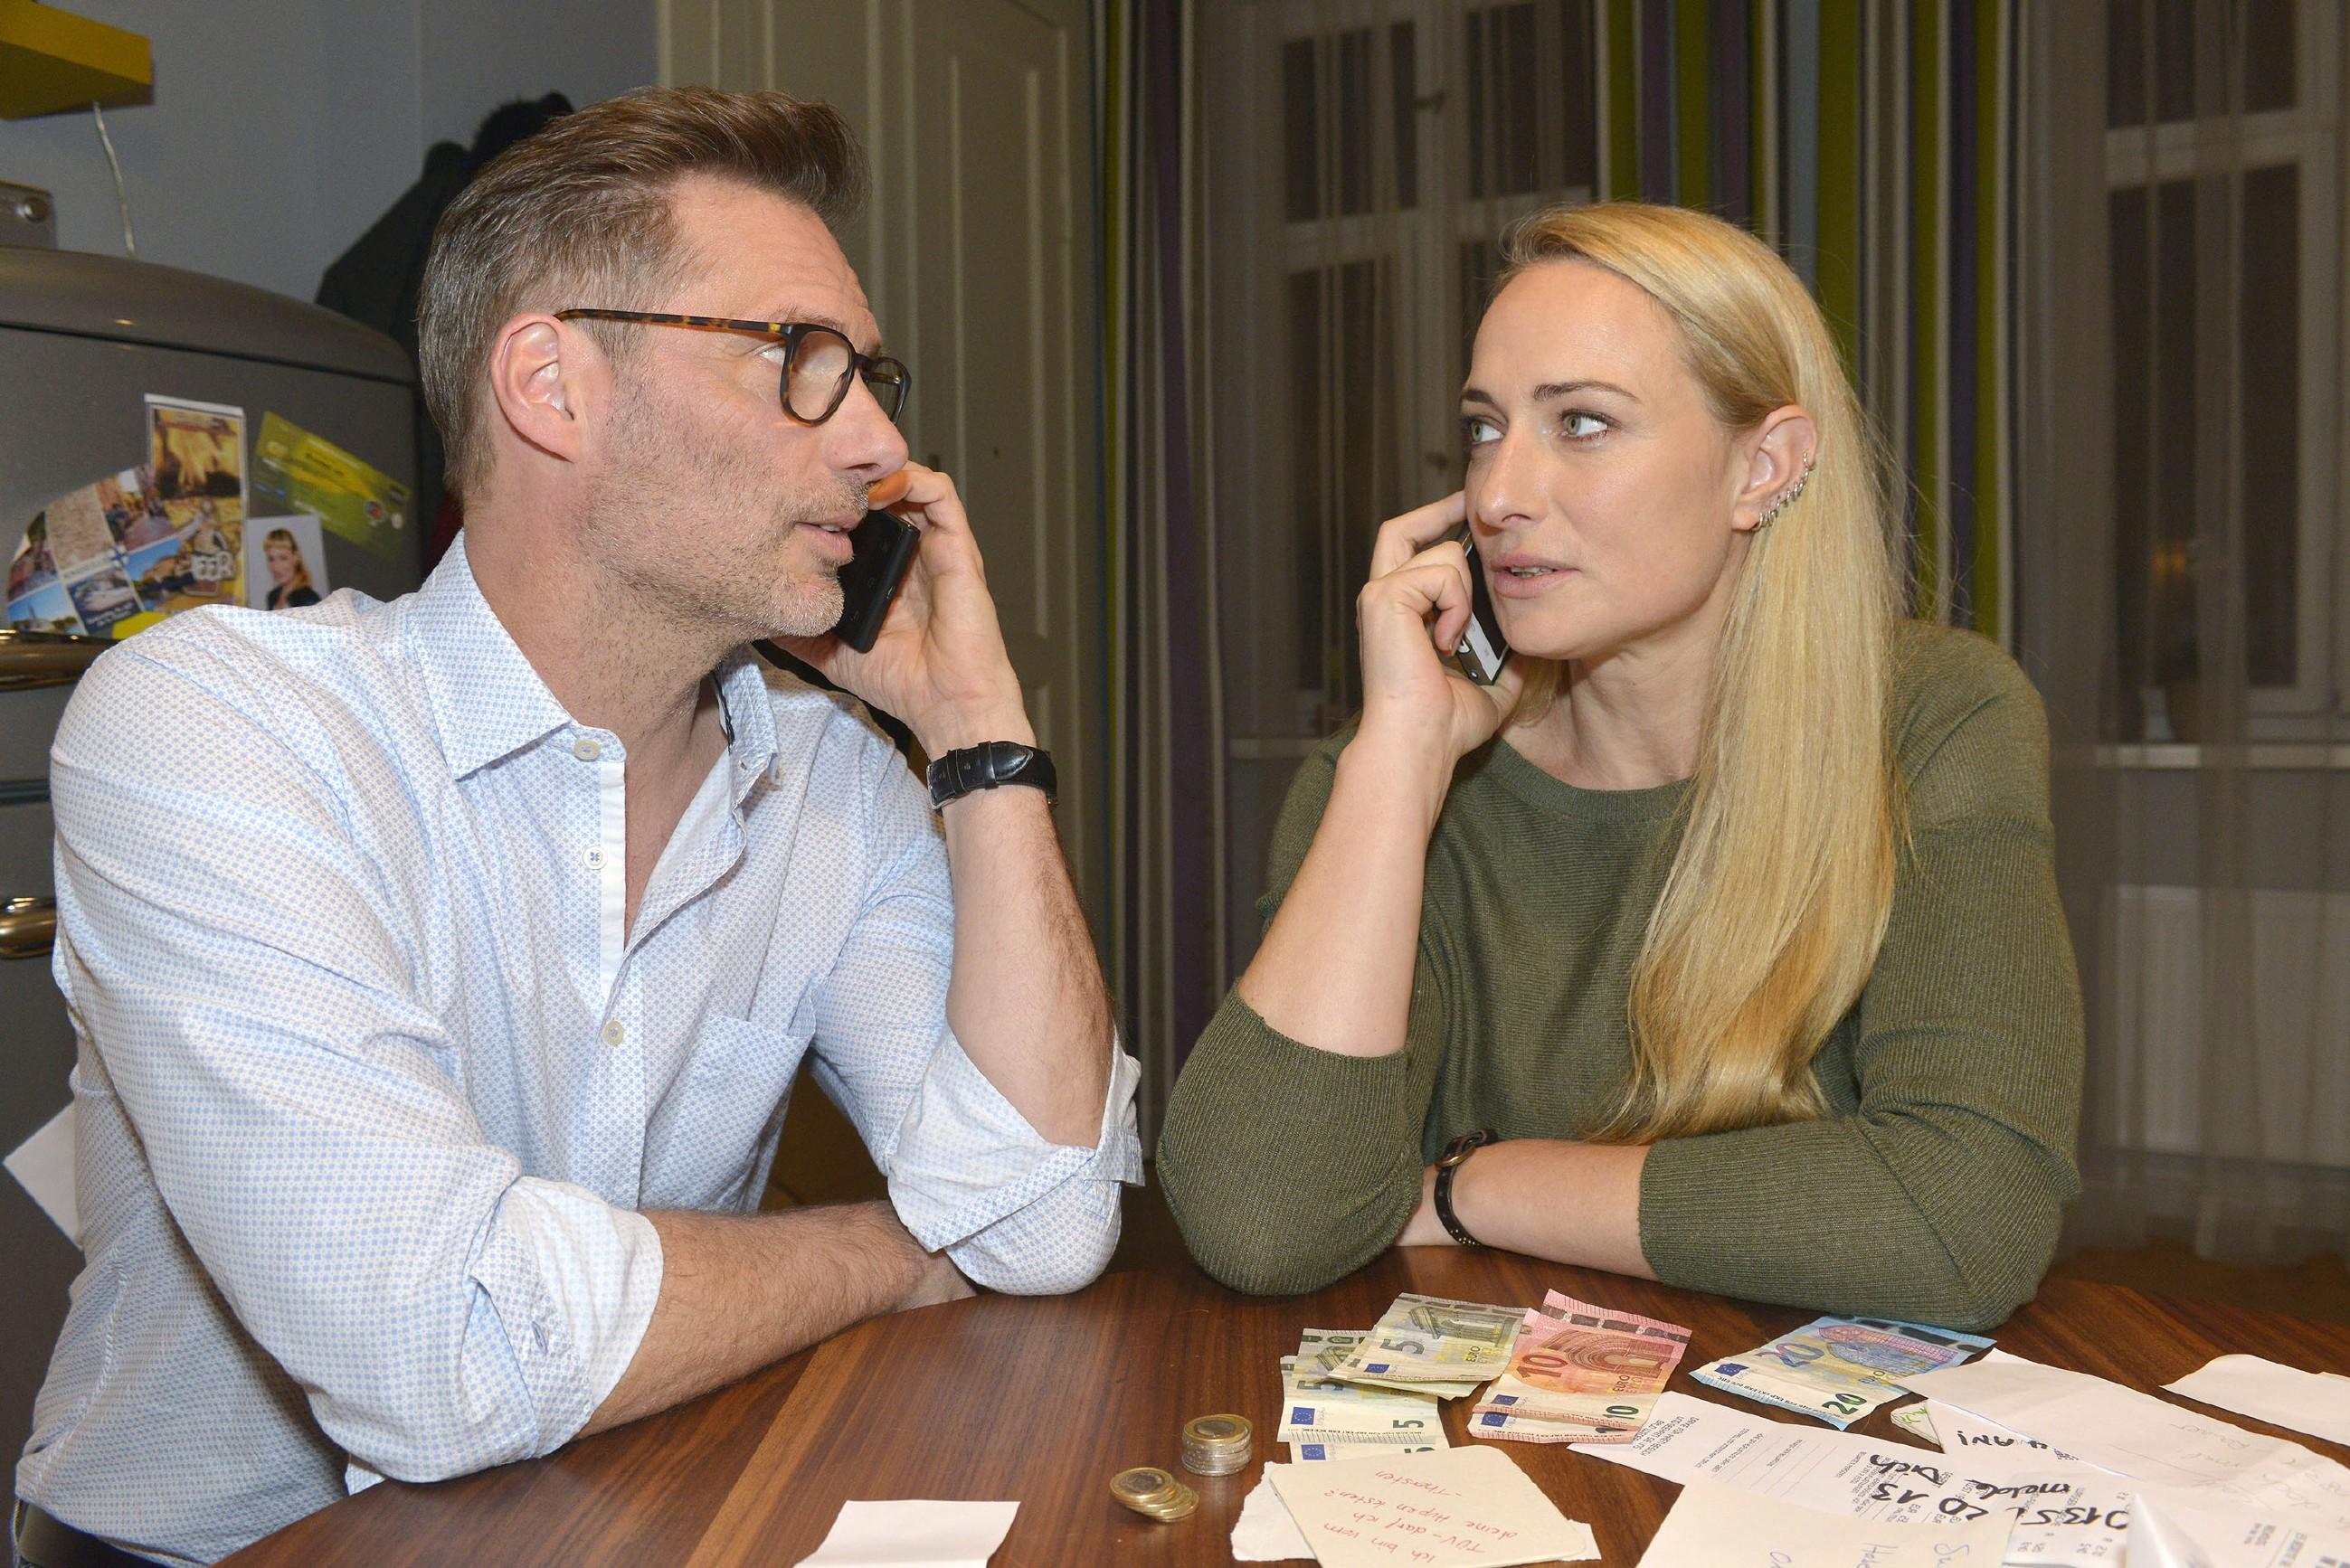 Als Maren (Eva Mona Rodekirchen) mit ihrer unfreiwilligen Internetpräsenz plötzlich viel mehr Trinkgeld, Komplimente und Telefonnummern bekommt, findet sie an ihrer neuen Bekanntheit langsam Gefallen - im Gegensatz zu Alexander (Clemens Löhr)... (Quelle: RTL / Rolf Baumgartner)